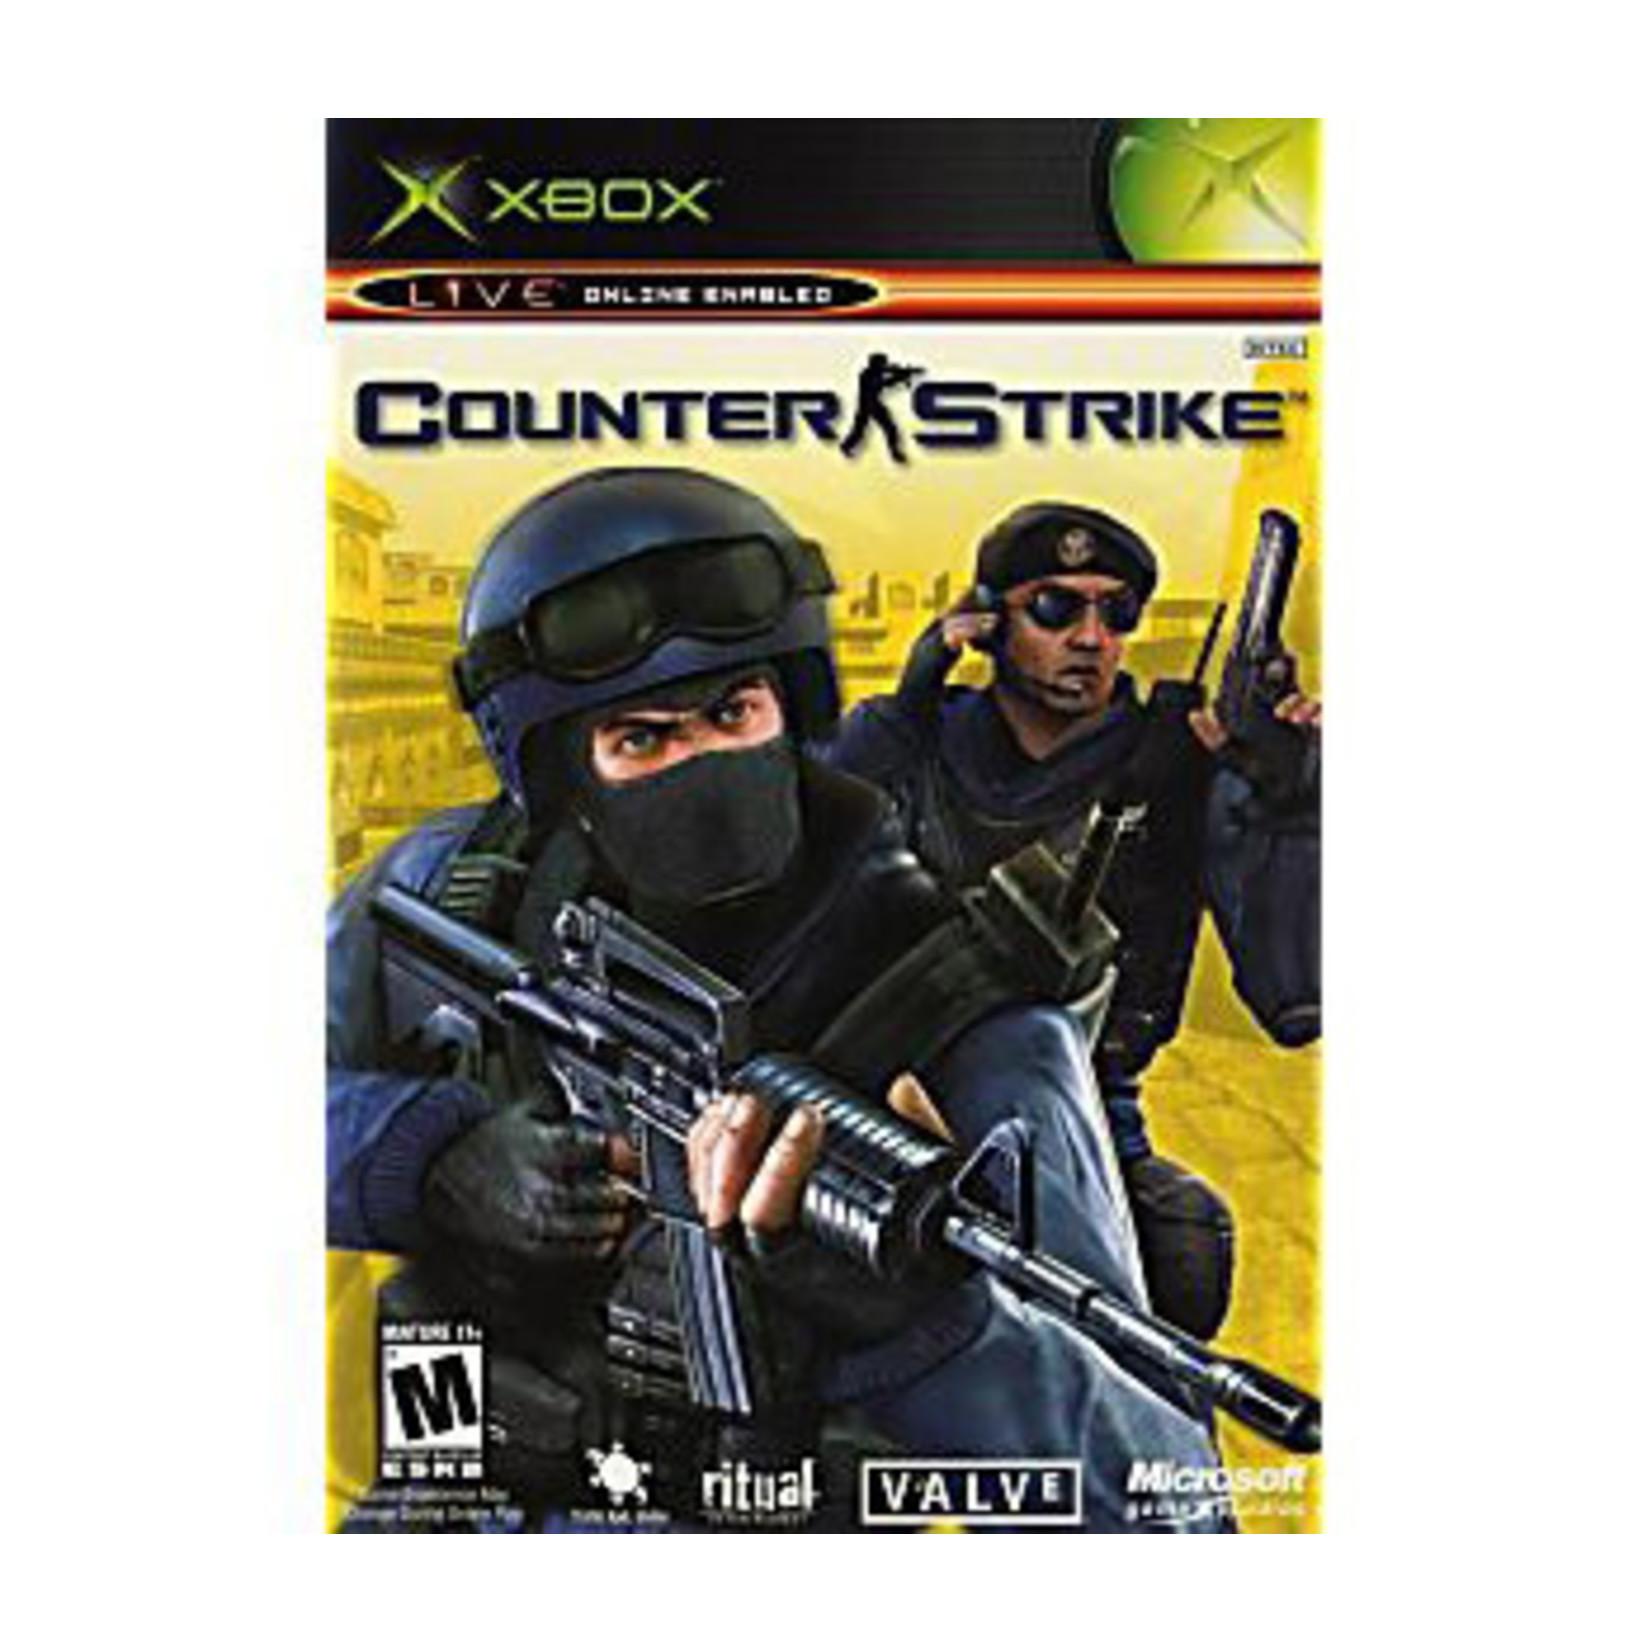 xb-counter strike